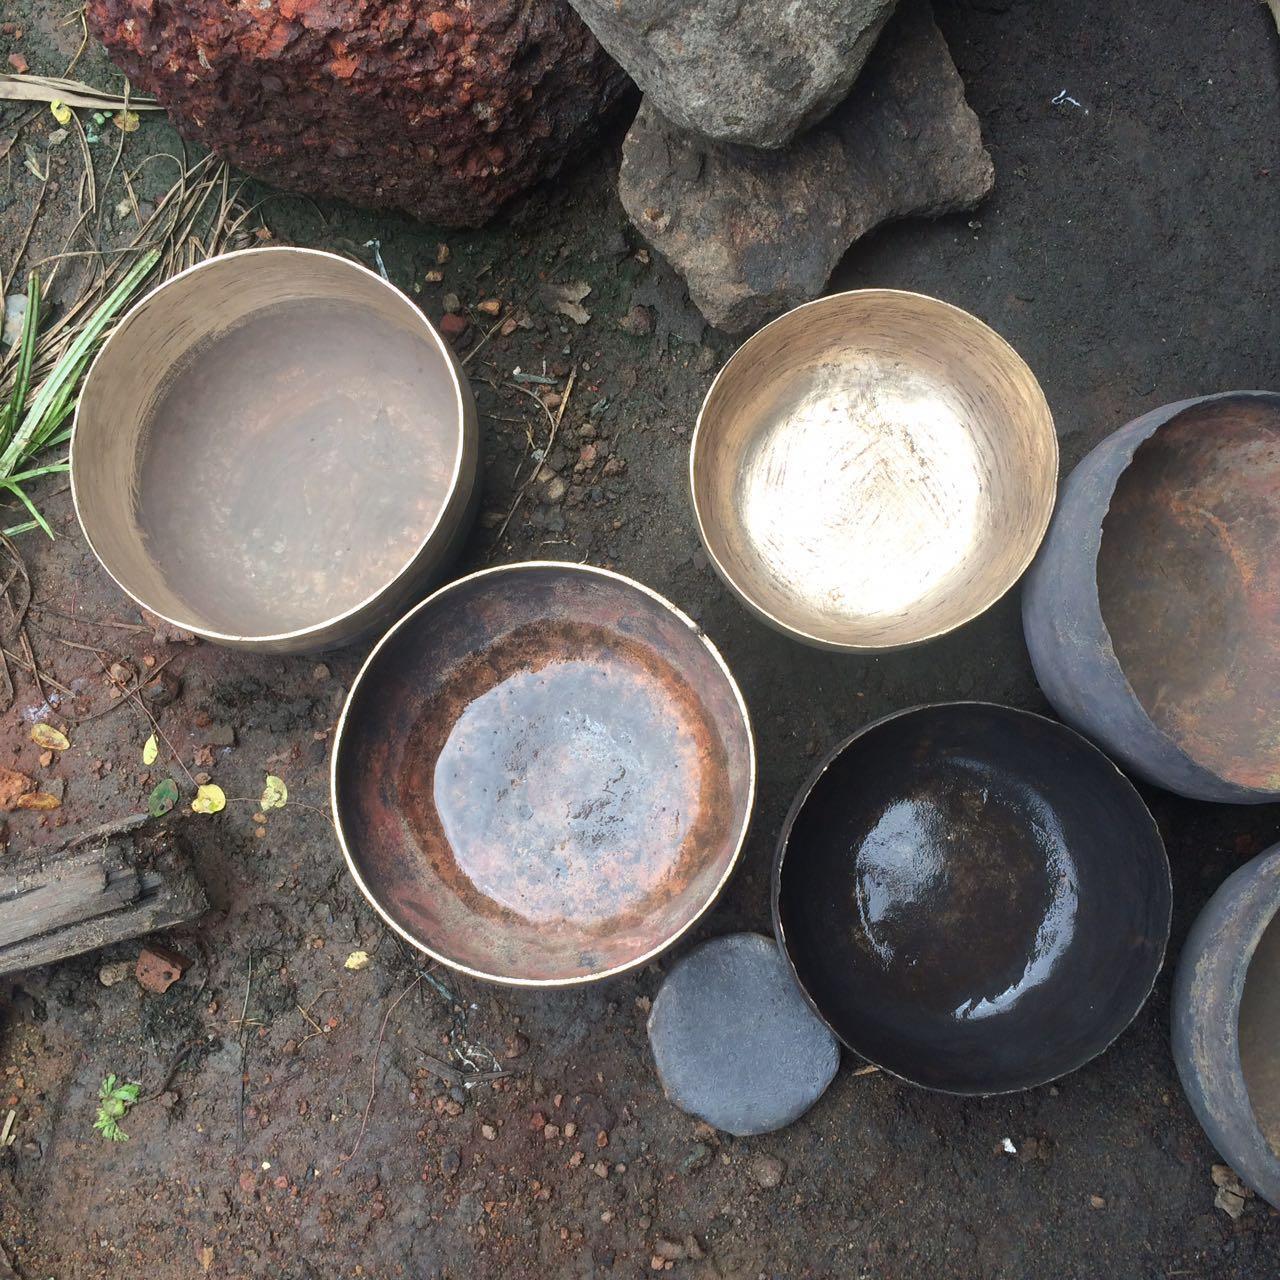 Balakati Bell metal work bhubaneswar buzz